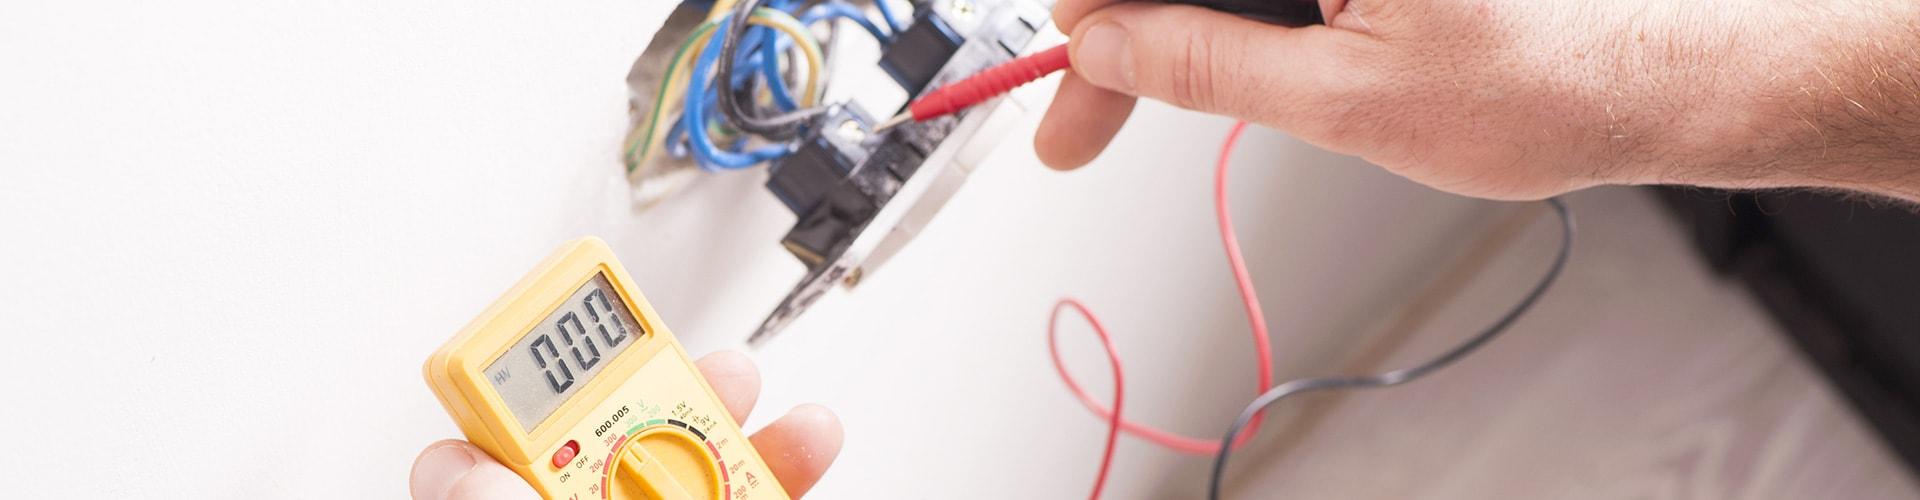 mesdevis.ch | Rénovation électricité